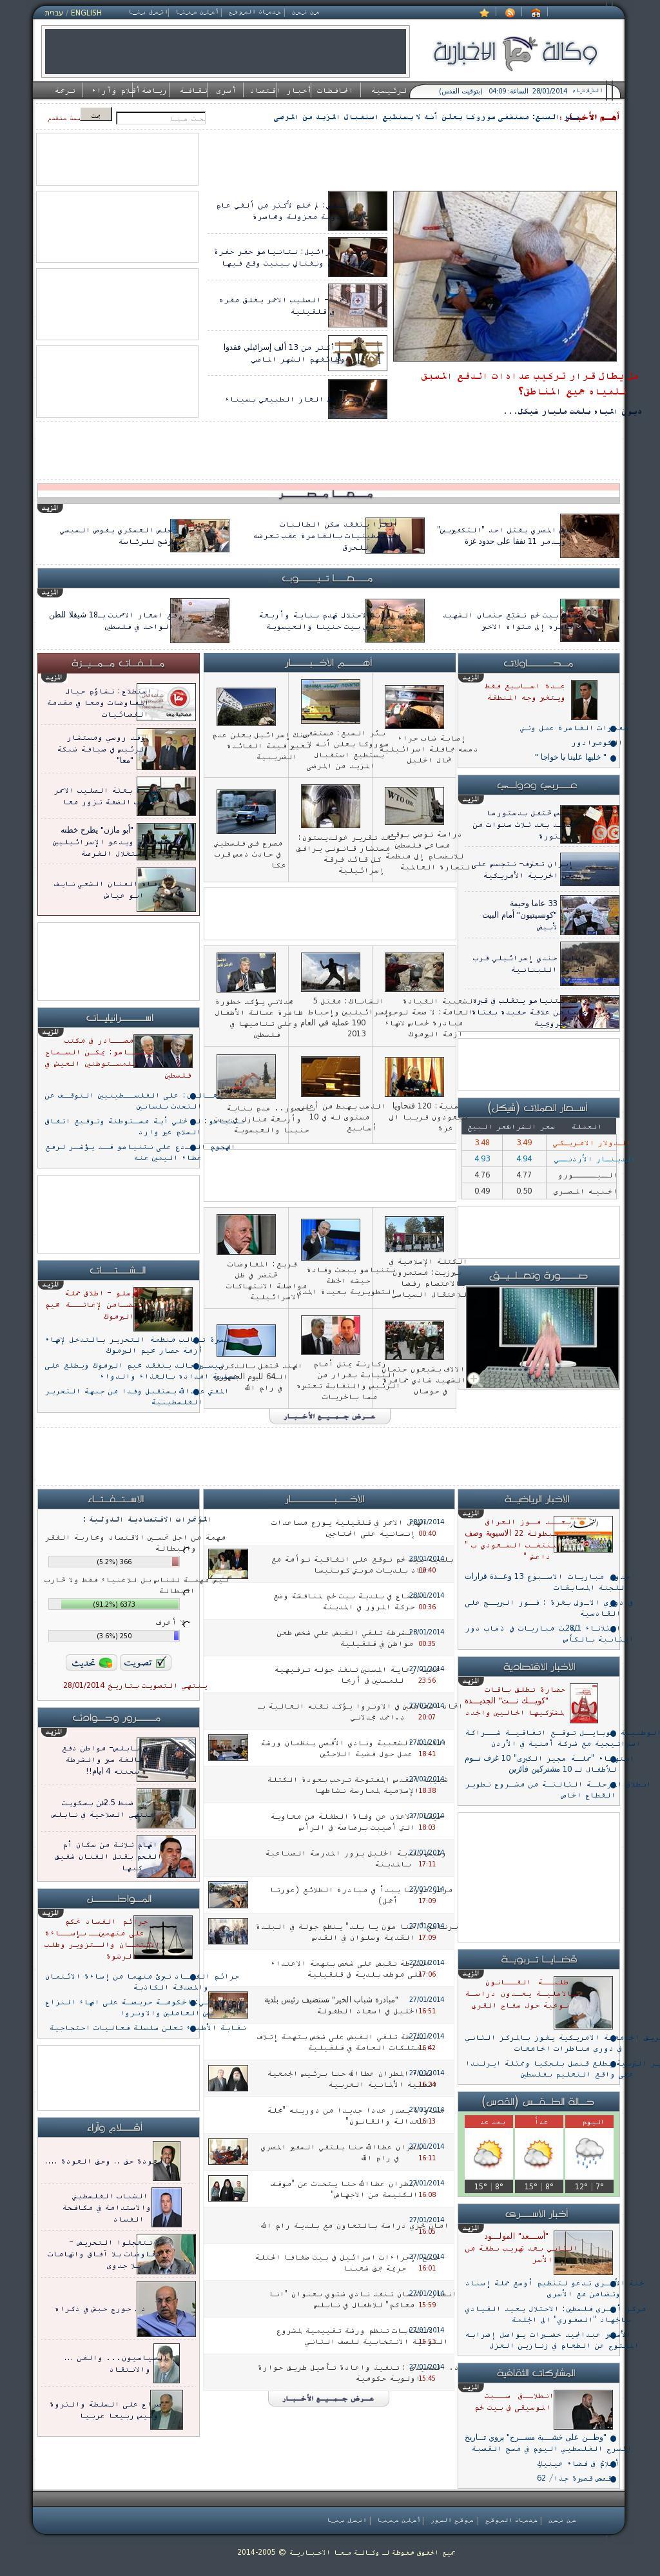 Ma'an News at Tuesday Jan. 28, 2014, 2:12 a.m. UTC